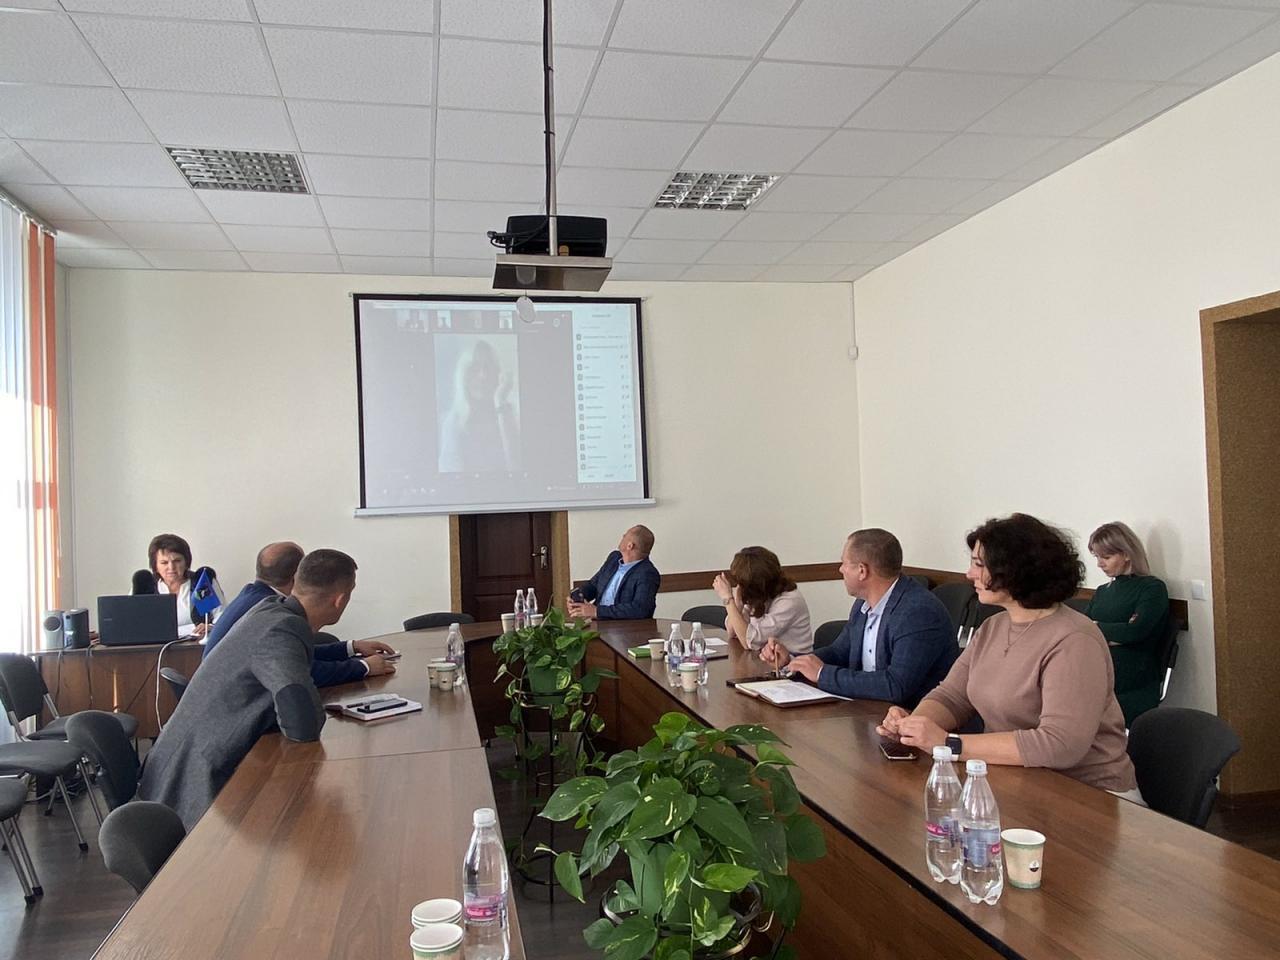 http://dunrada.gov.ua/uploadfile/archive_news/2021/10/11/2021-10-11_2035/images/images-2272.jpg